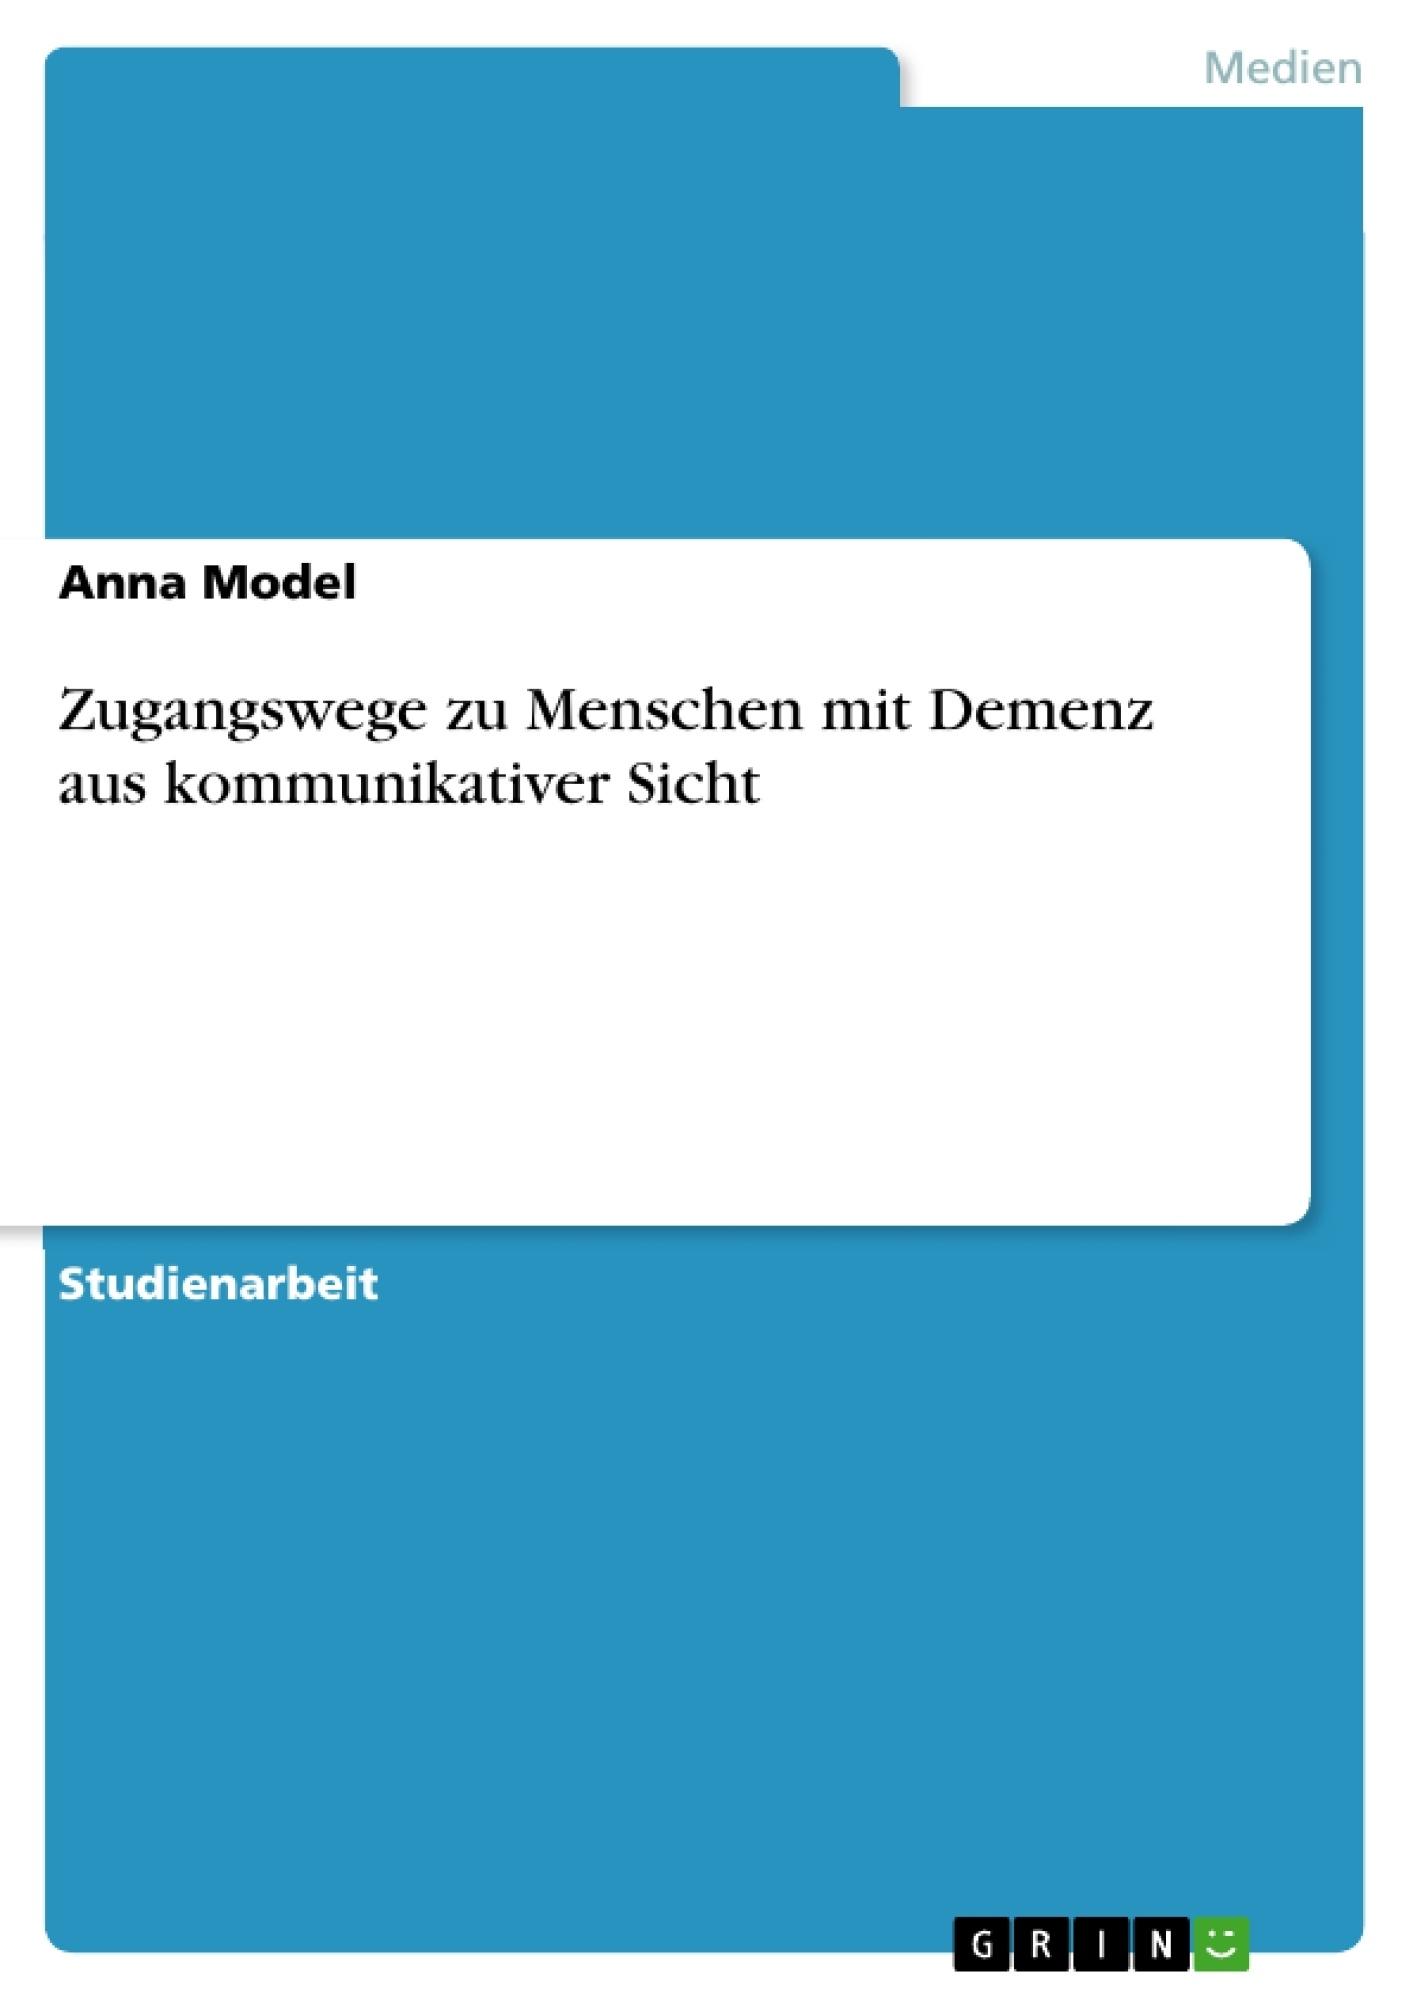 Titel: Zugangswege zu Menschen mit Demenz aus kommunikativer Sicht